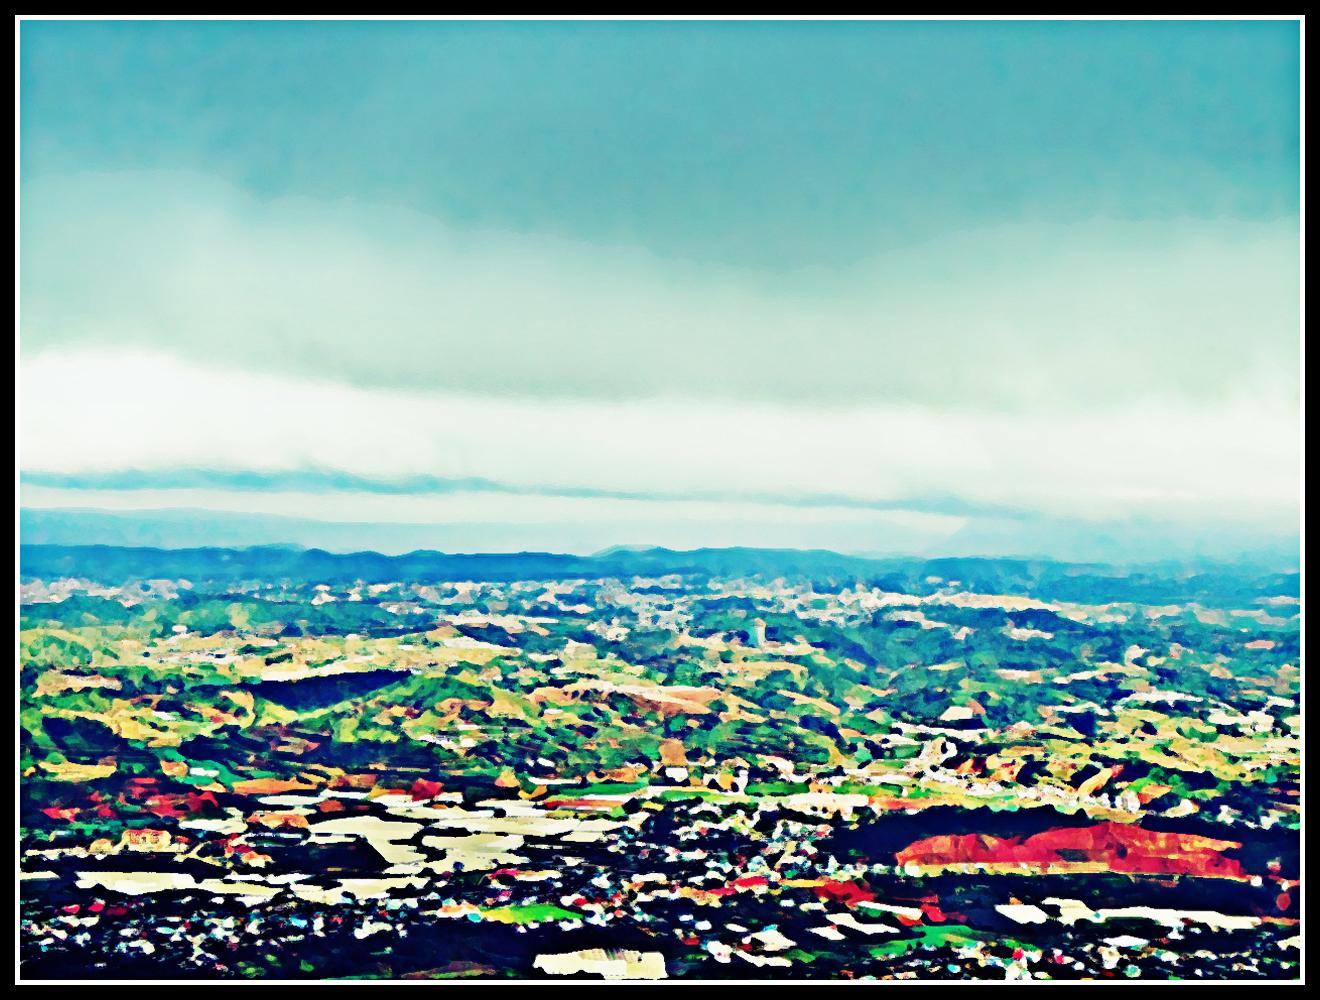 001 - Serenity Valley by FlyingLava